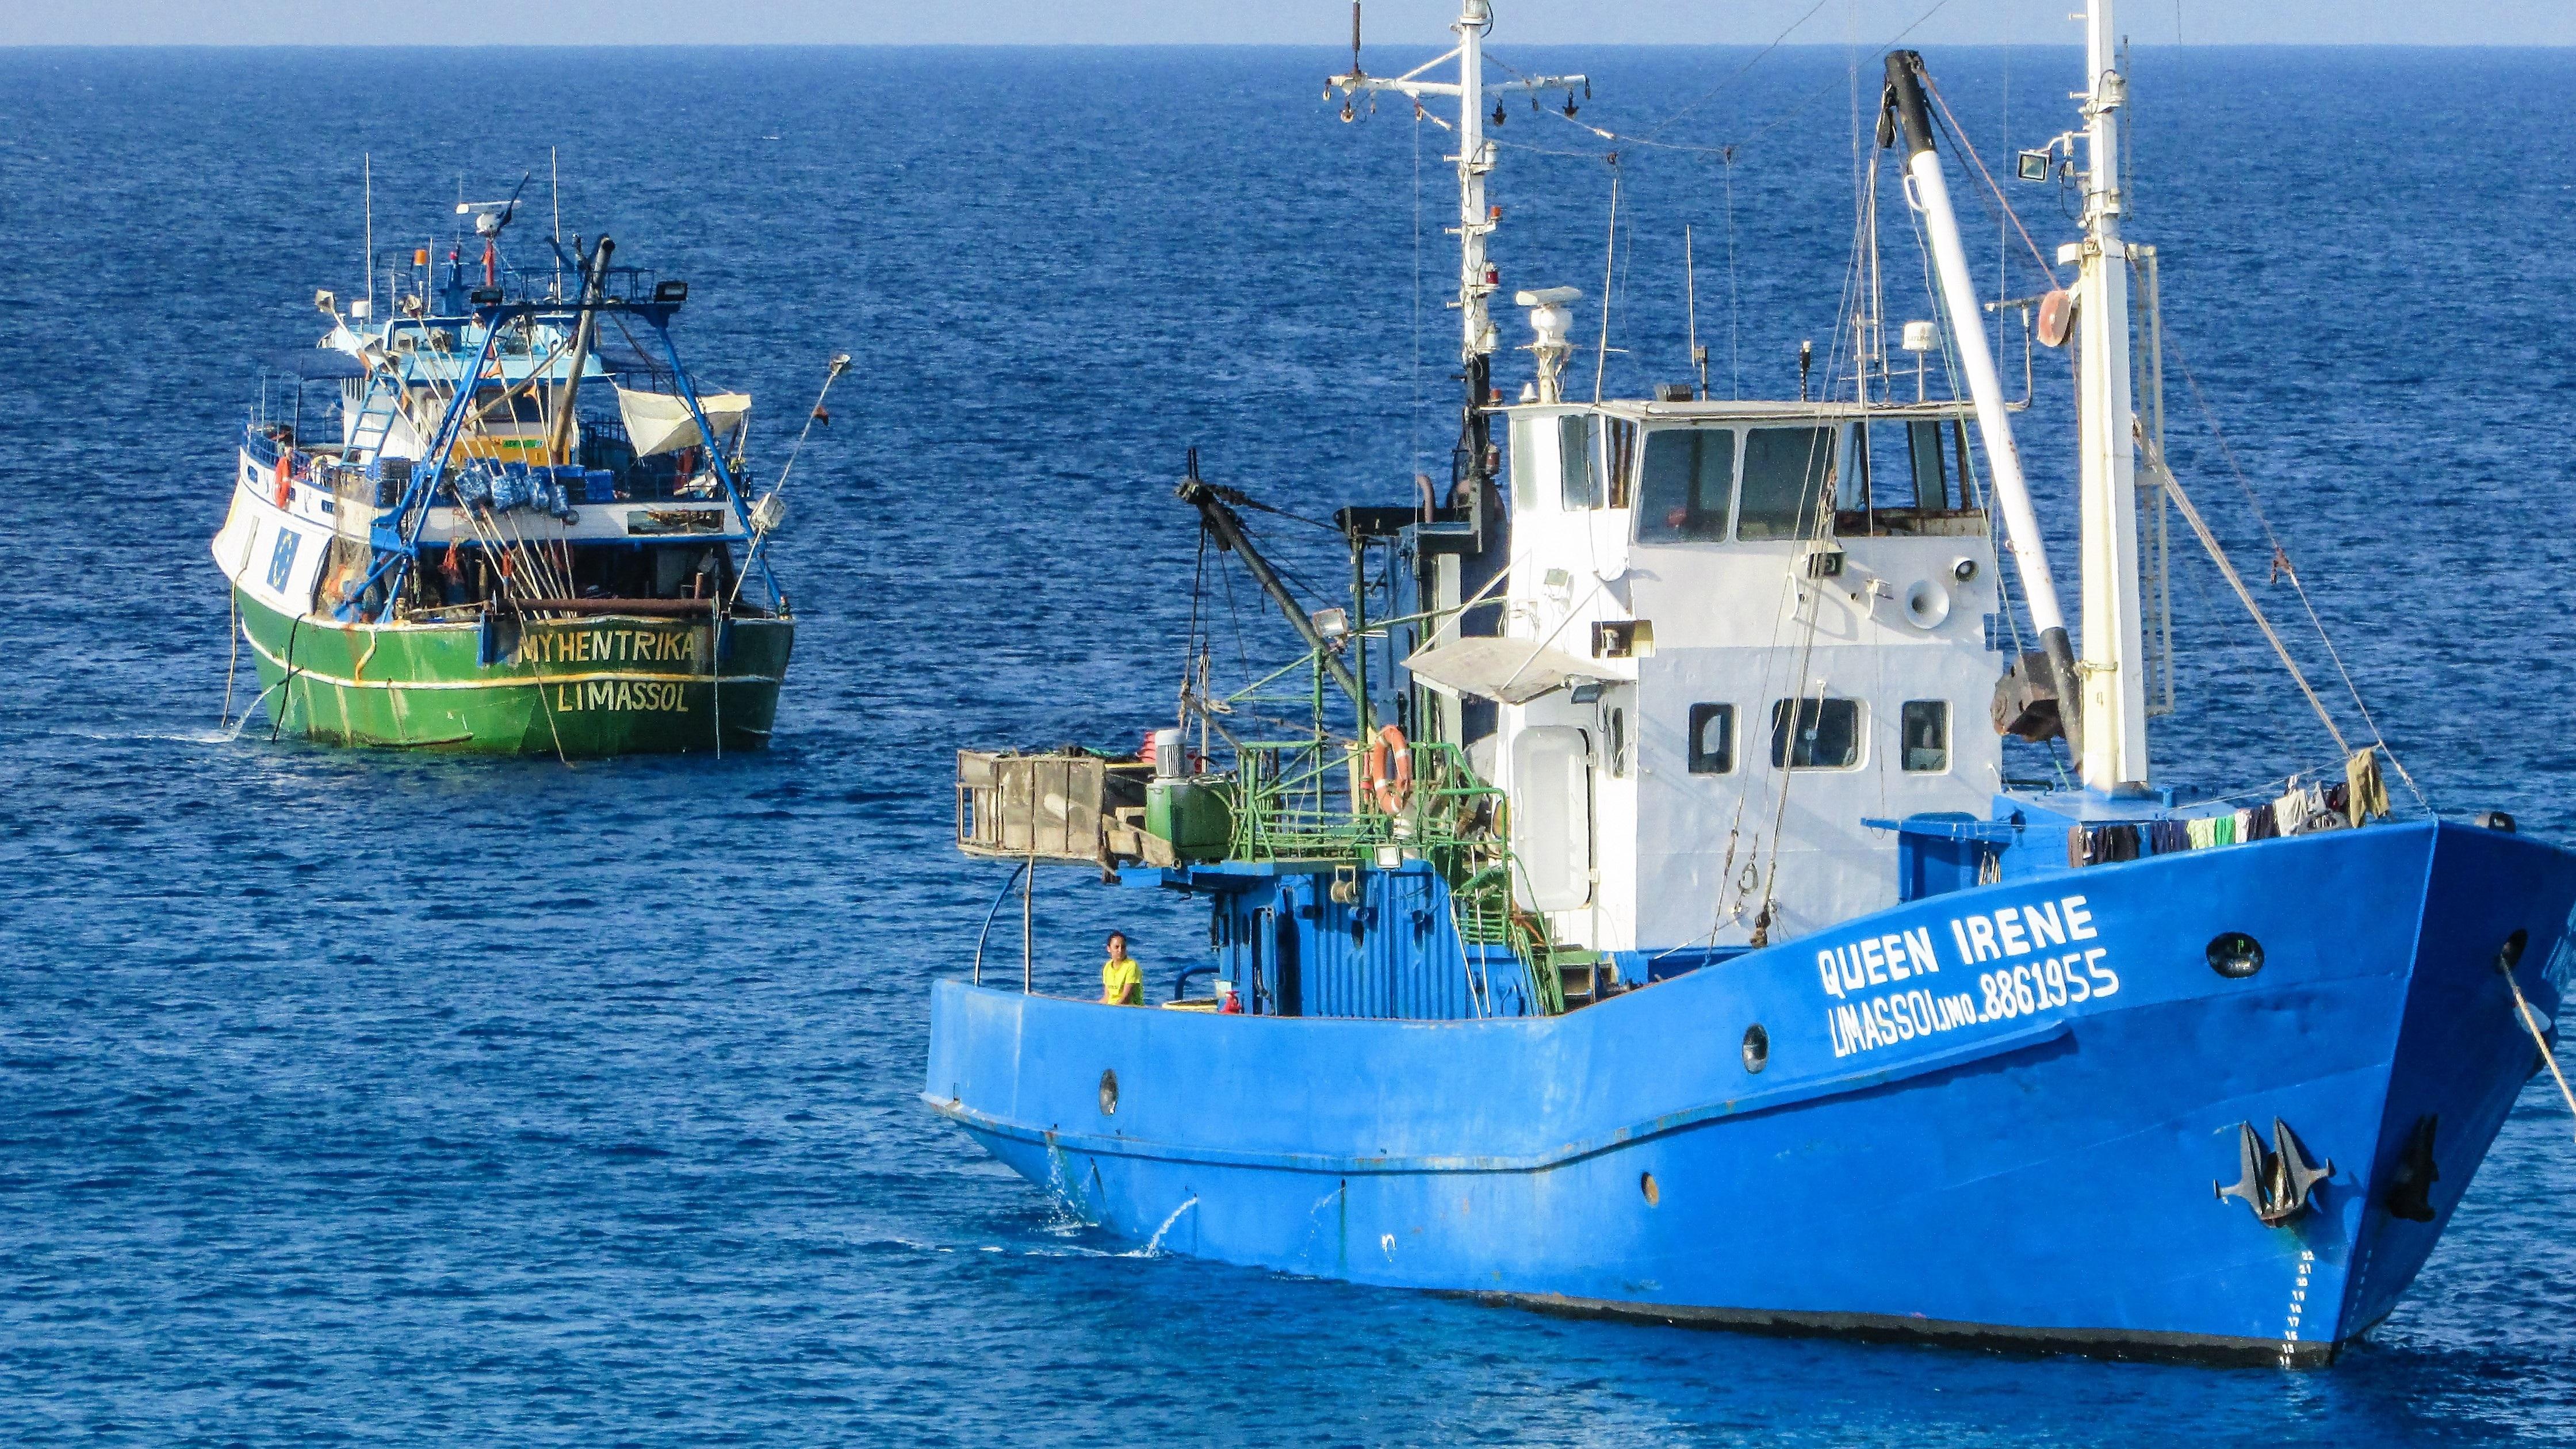 hình ảnh : biển, đại dương, thuyền, Xe, đánh bắt cá, Bắc ...